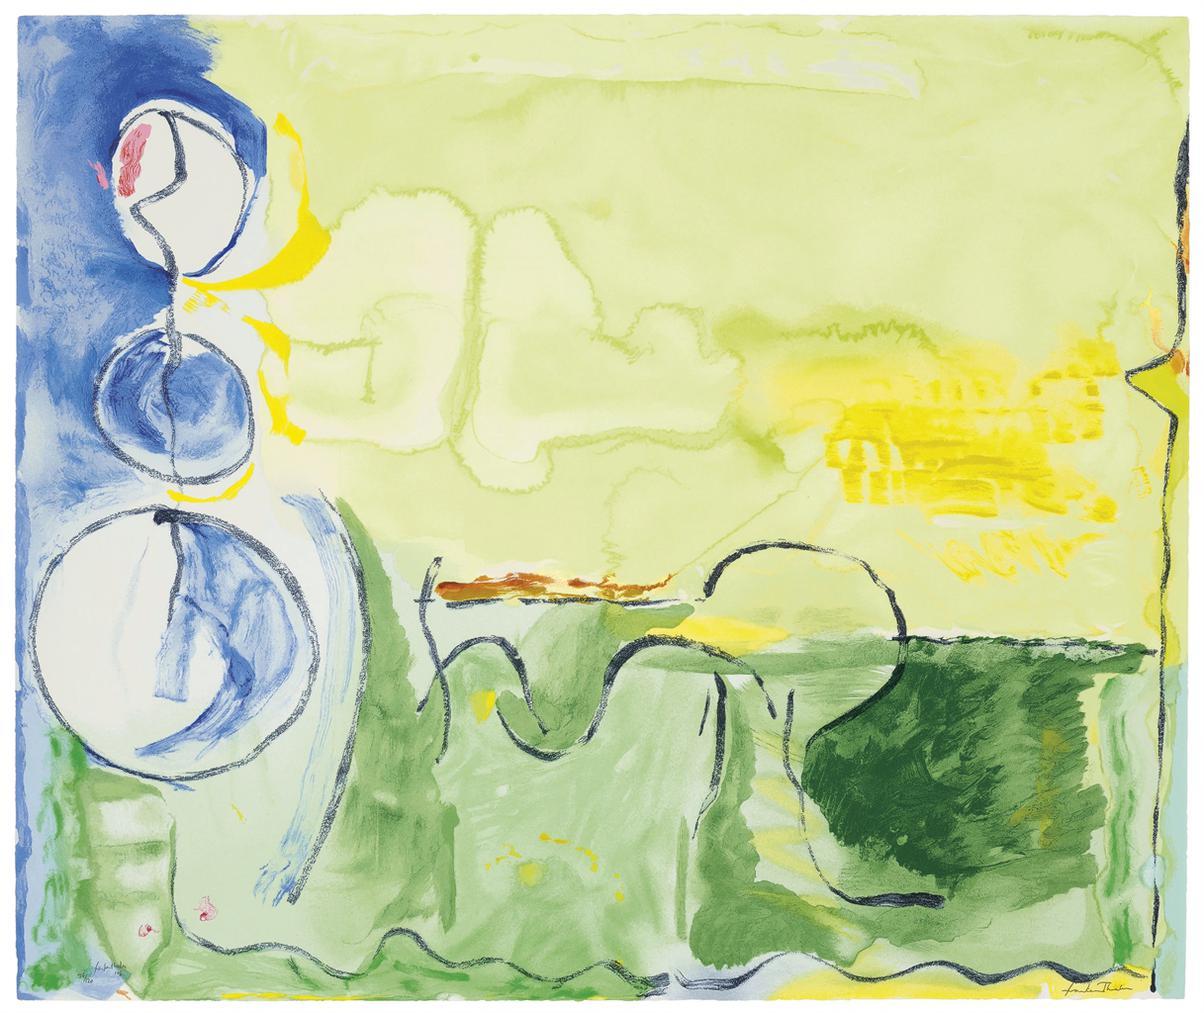 Helen Frankenthaler-Flotilla-2006